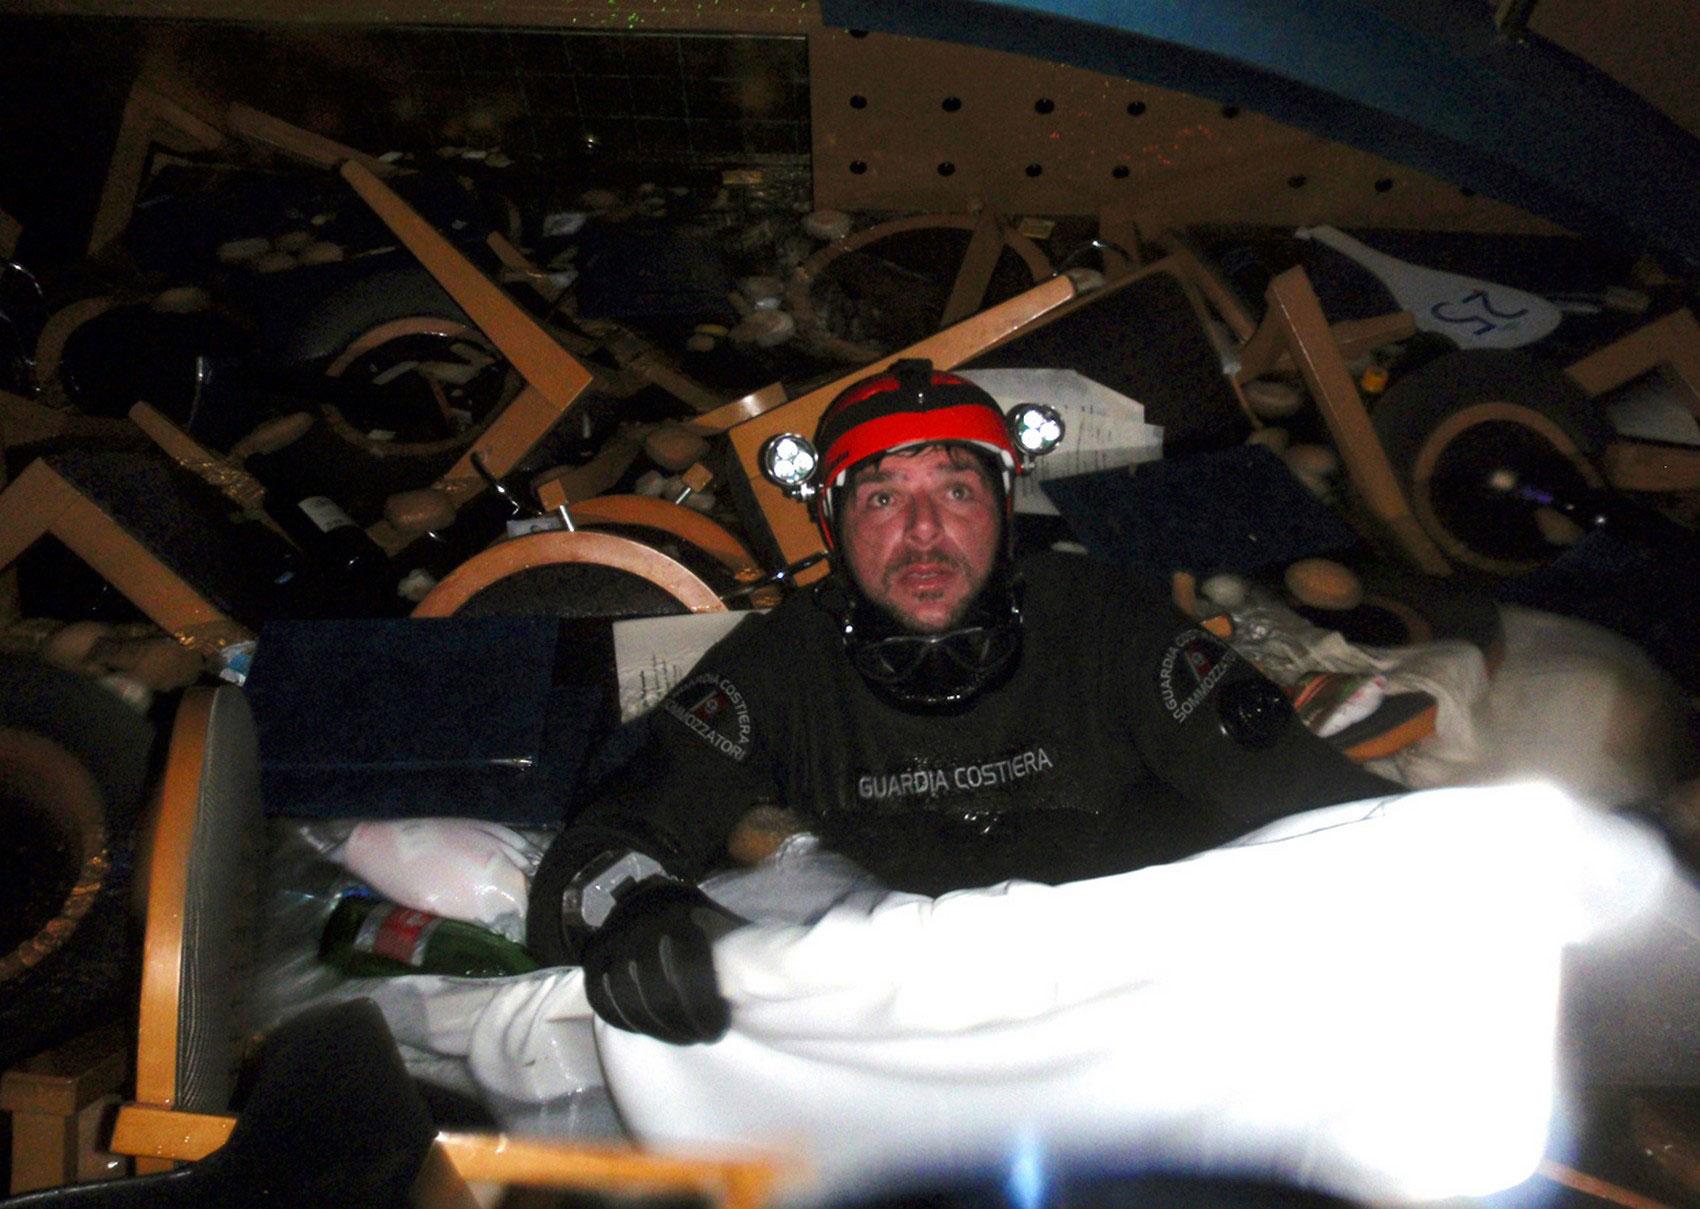 плавающие предметы мебели внутри корабля, фото